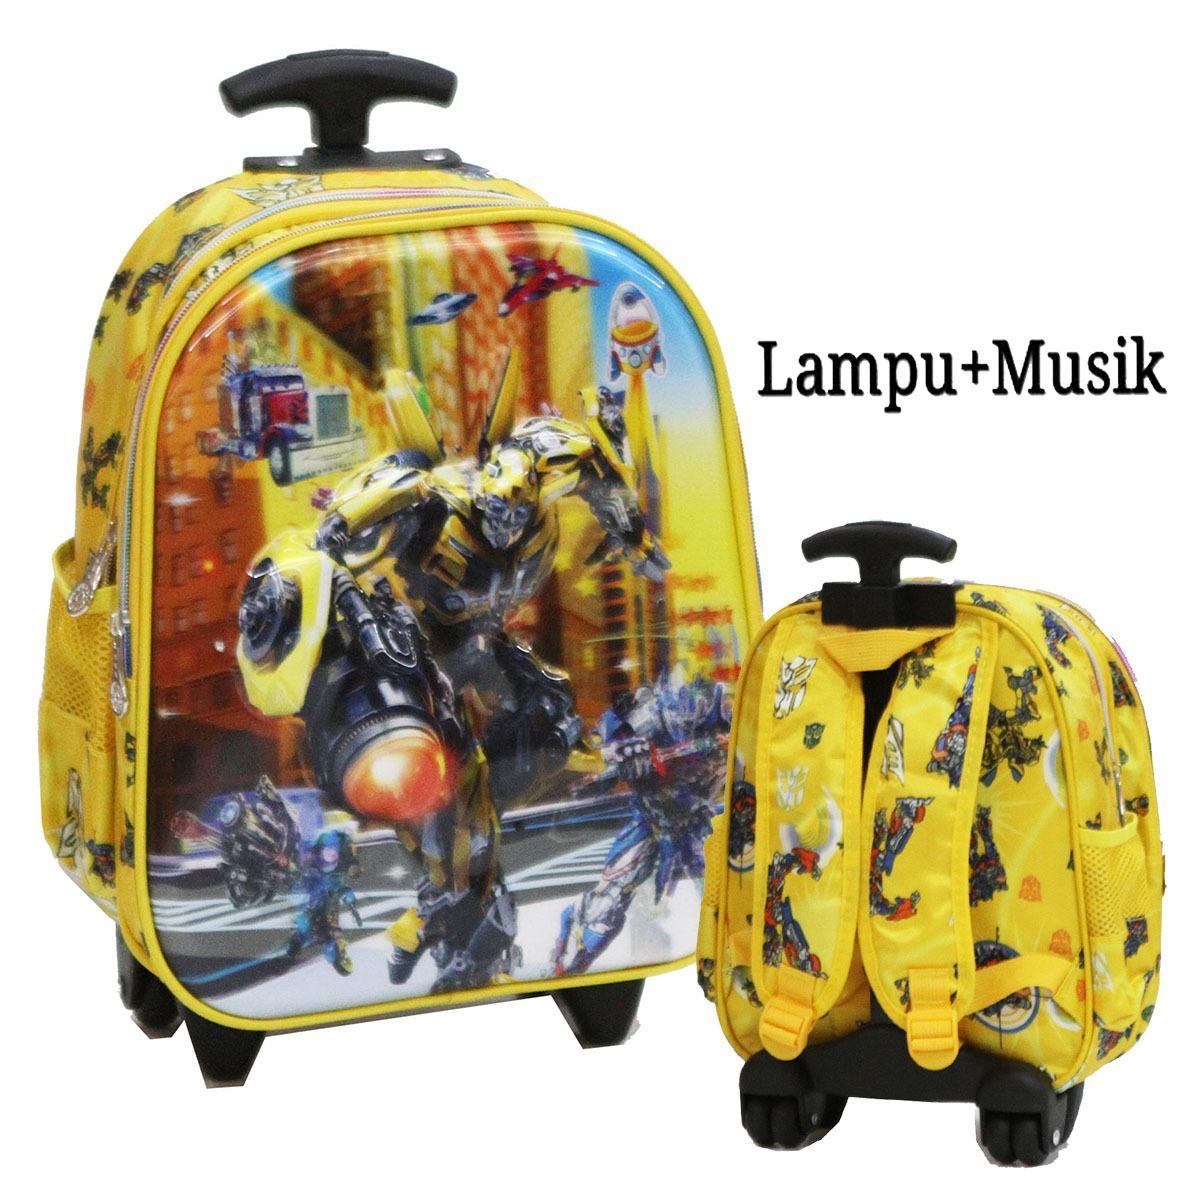 Jual Beli Onlan Tas Trolley Anak Sekolah Tk Transformers Lampu Music 5D Timbul Import